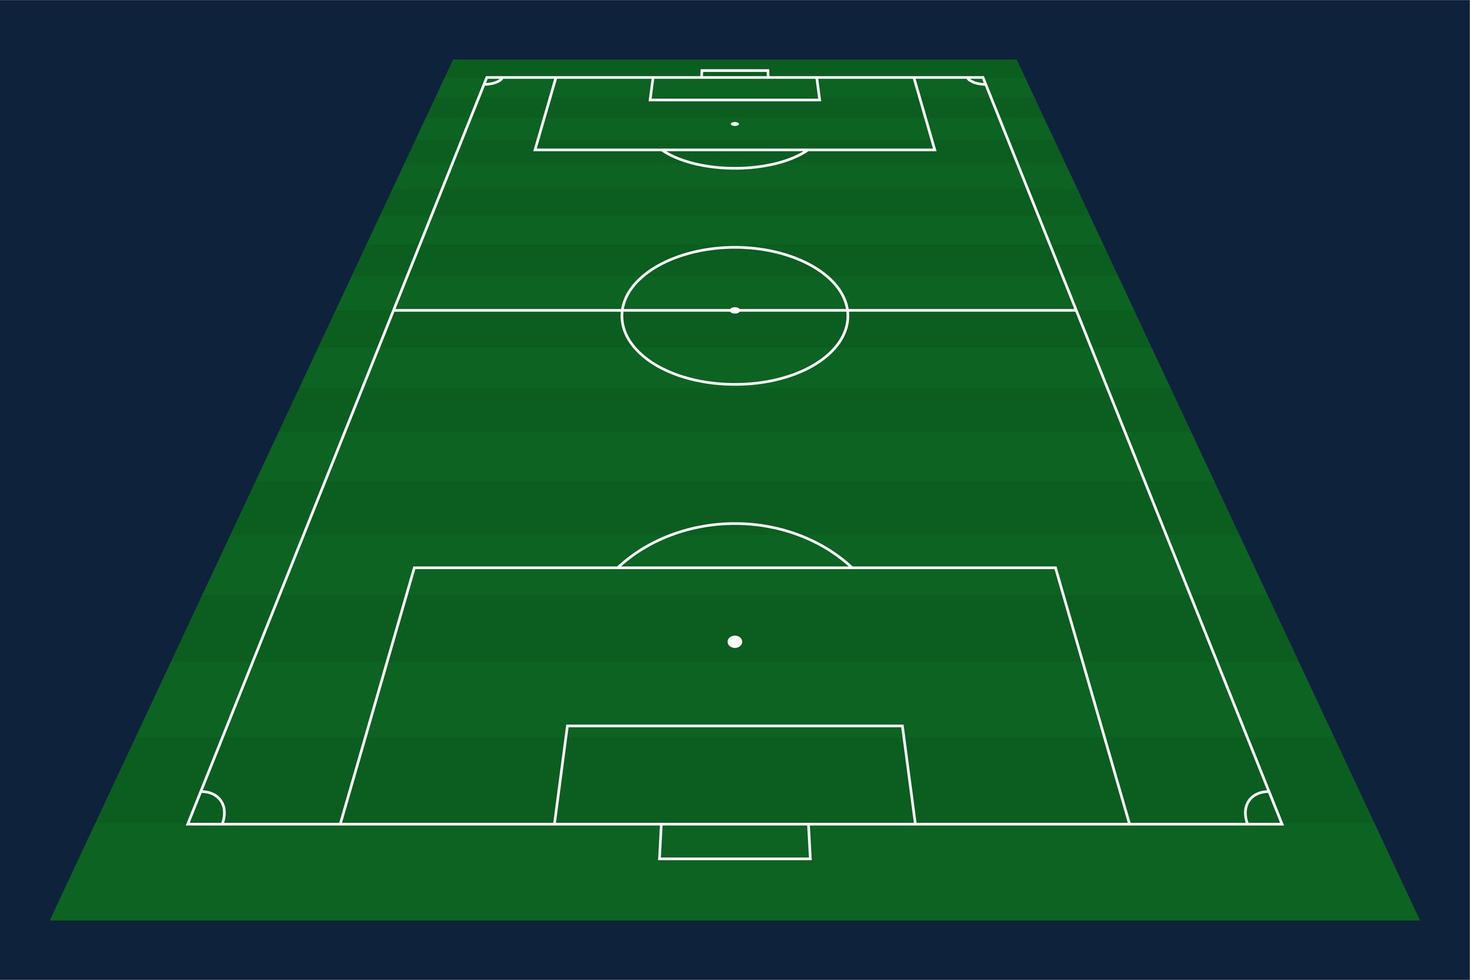 groen gras vector voetbal of voetbal veld achtergrond. voorraad vectorillustratie van een voetbalveld met front perspectief